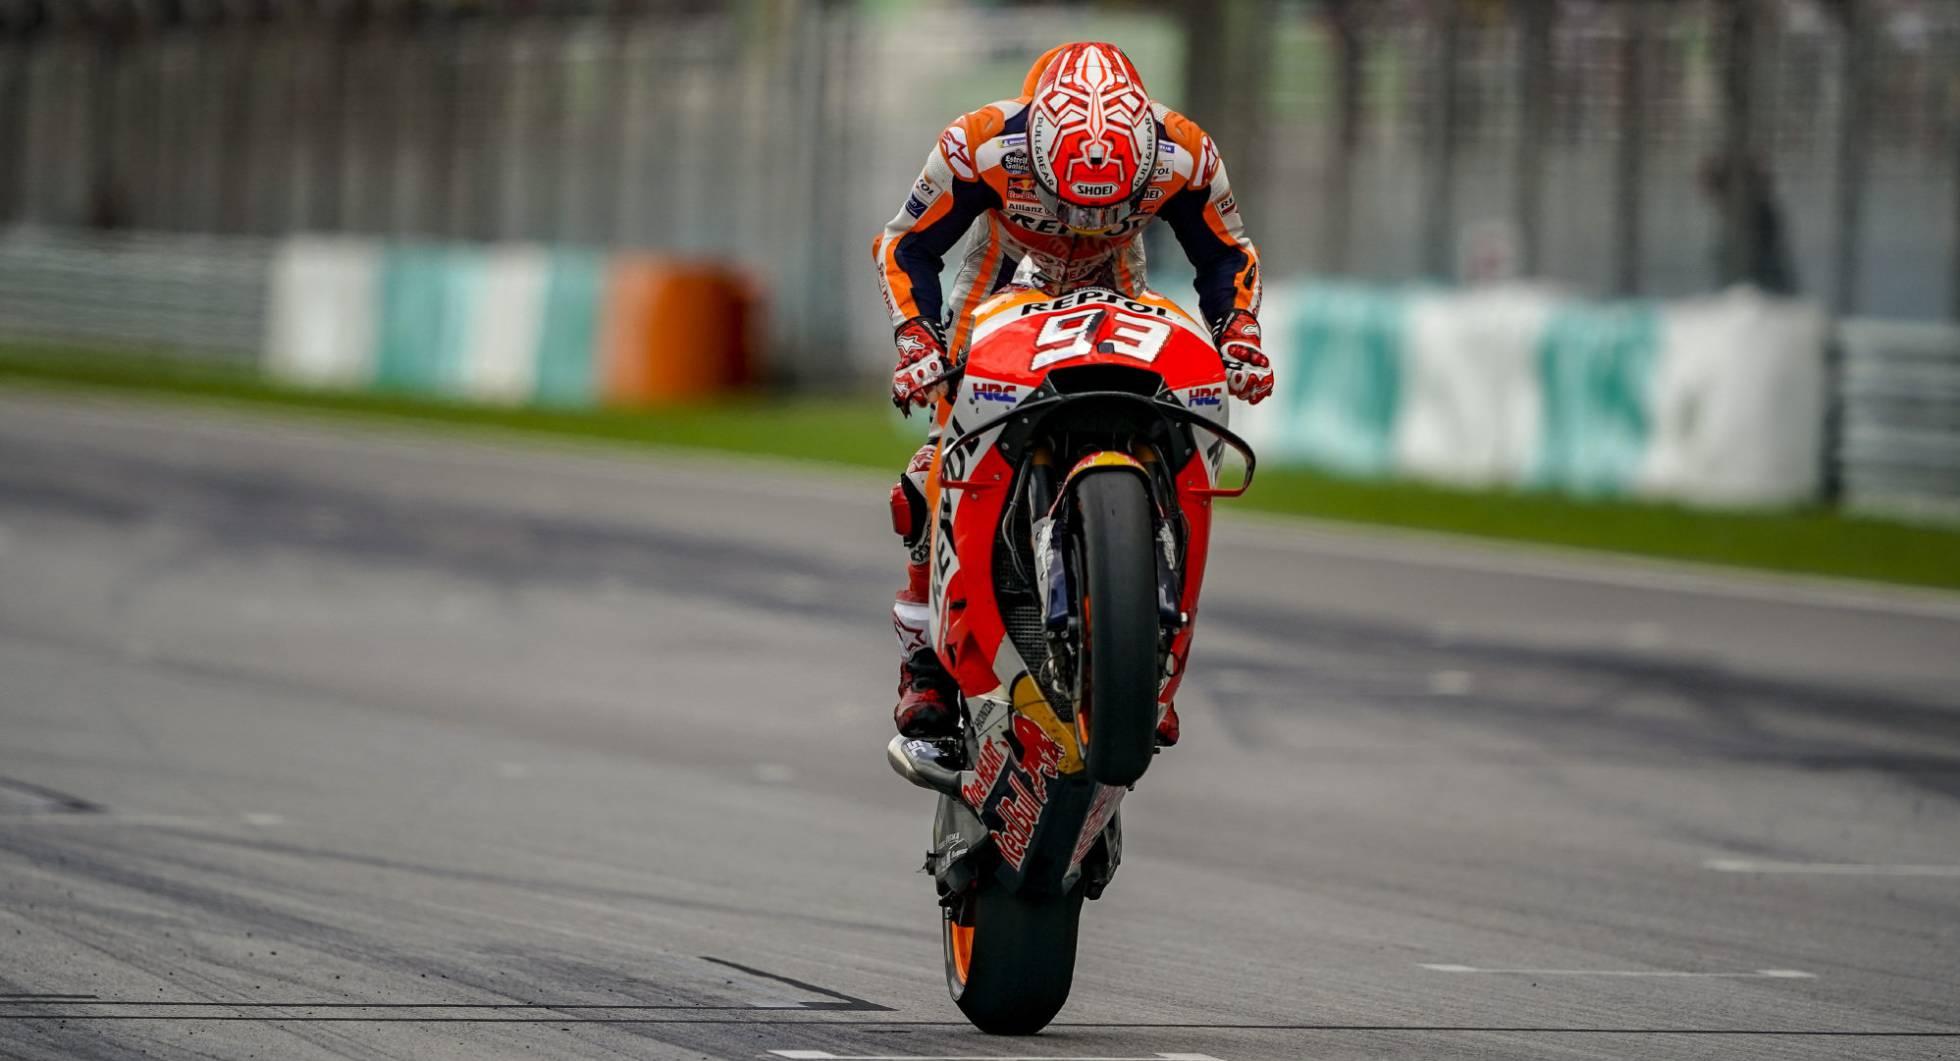 Канал DAZN начнет вещание в Испании с показа MotoGP